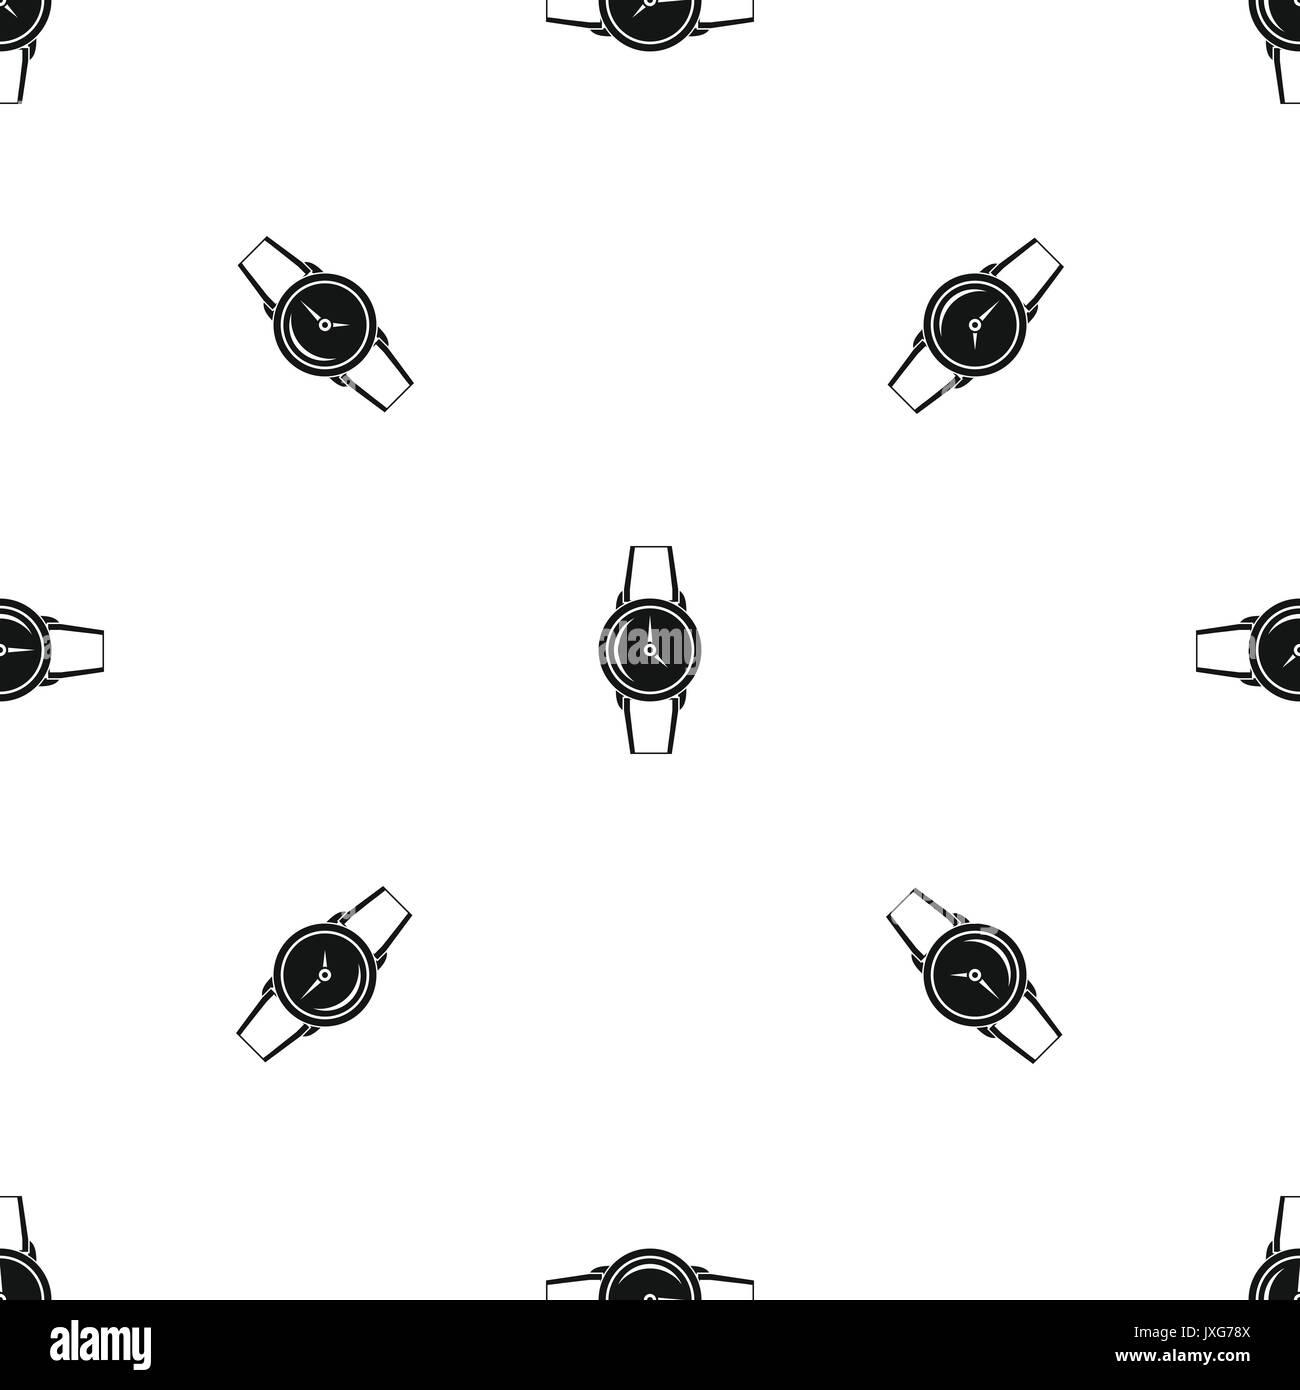 Wristwatch pattern seamless black - Stock Image